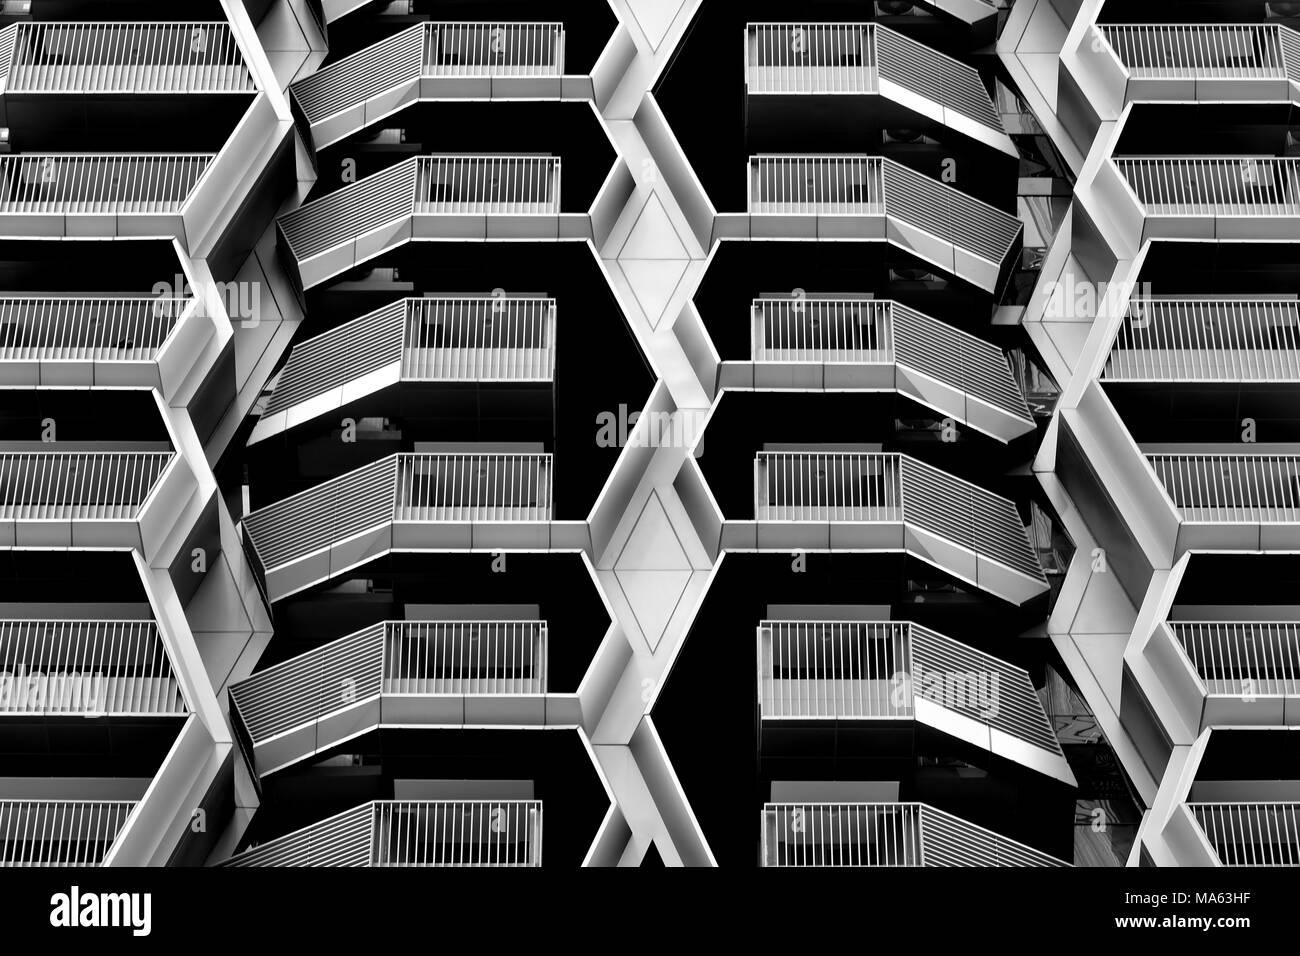 Vista frontal de diseño geométrico abstracto de un moderno aparcamiento de varios pisos en el distrito financiero de Singapur, con fuerte simetría y geometría negrita Foto de stock